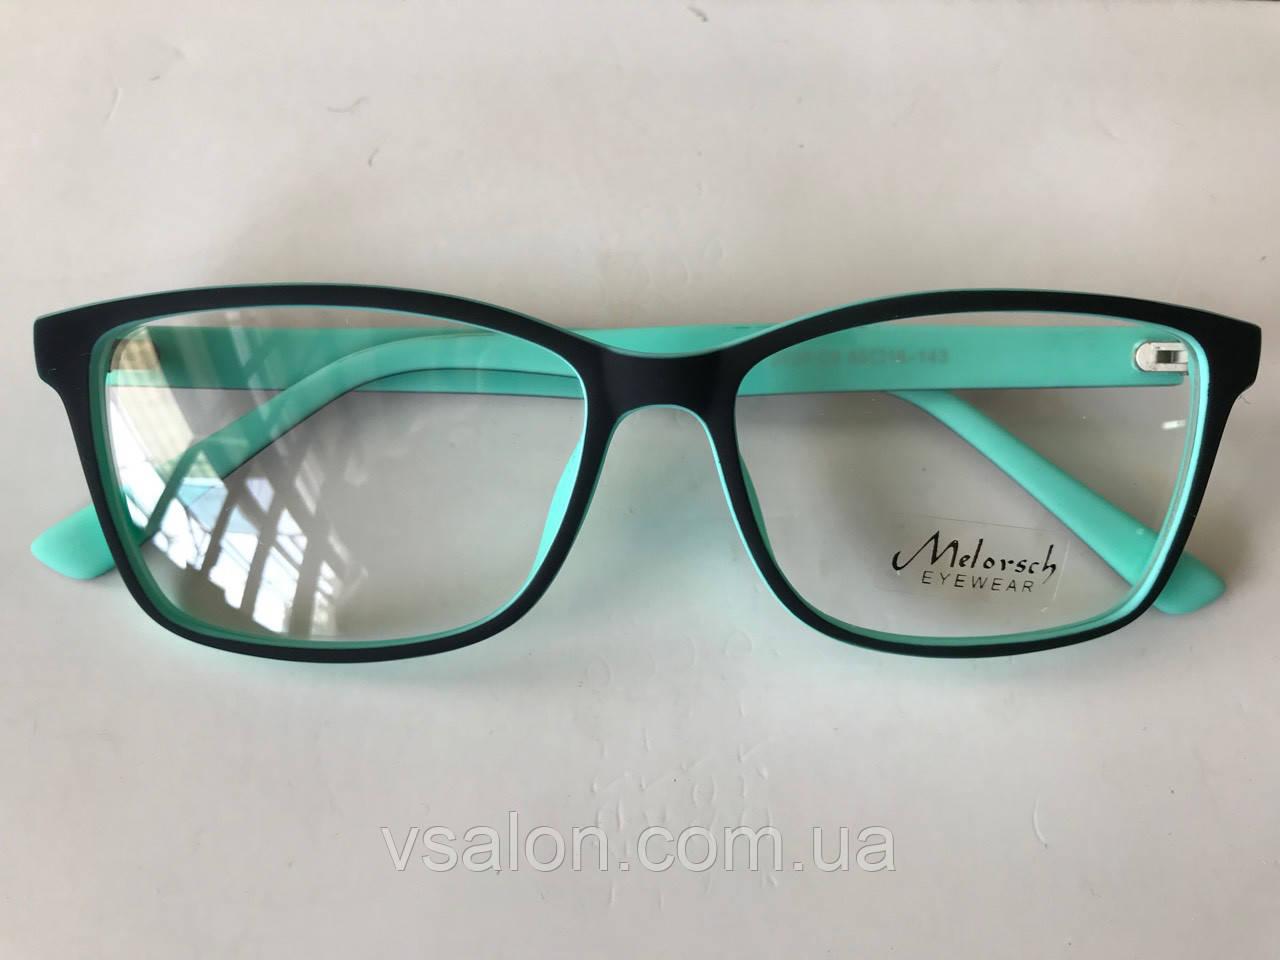 Имиджевые очки Melorsch 2029